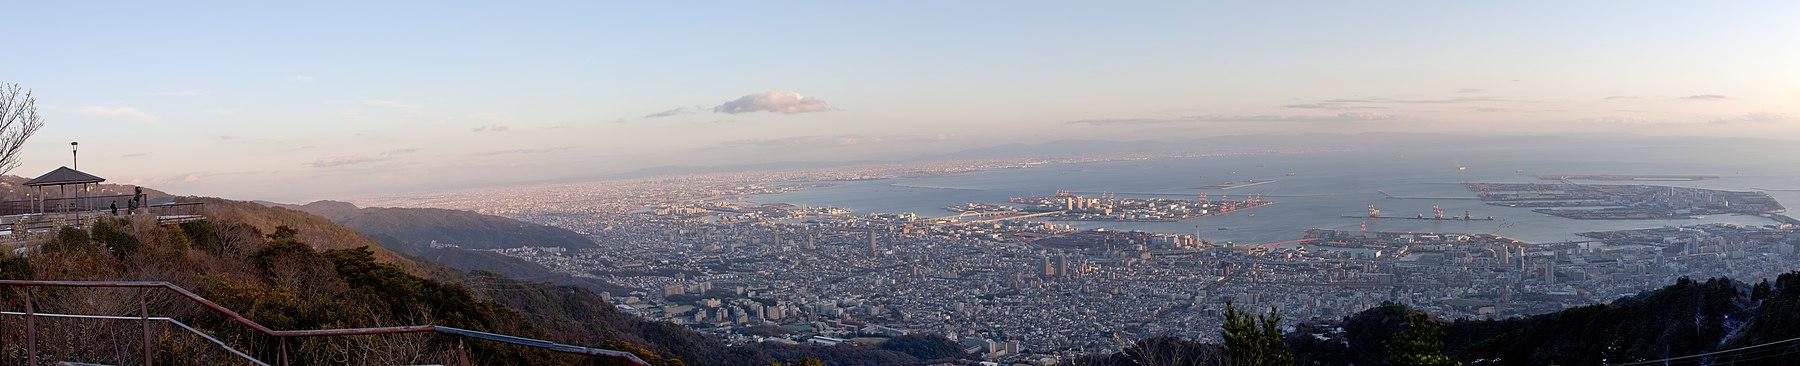 Kikuseidai daytime panorama.jpg